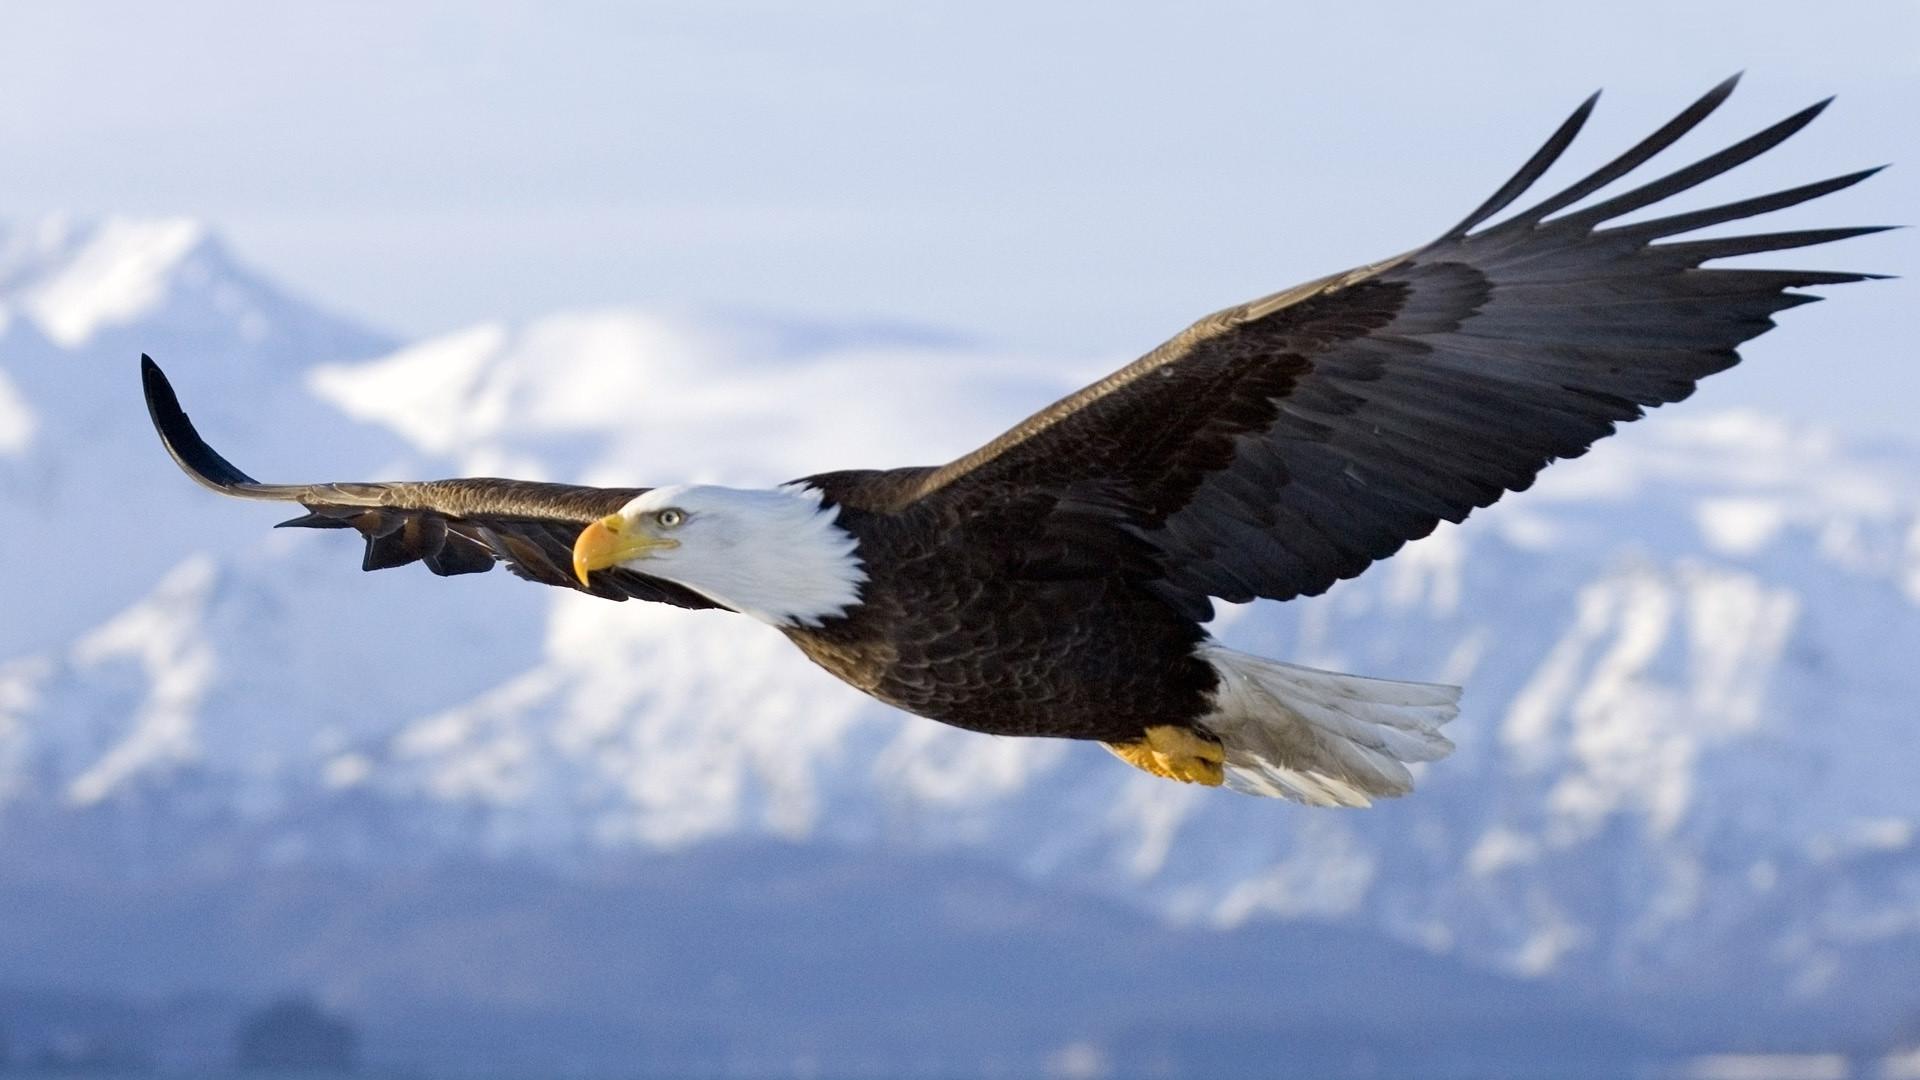 bald eagle, eagle, flight, wings